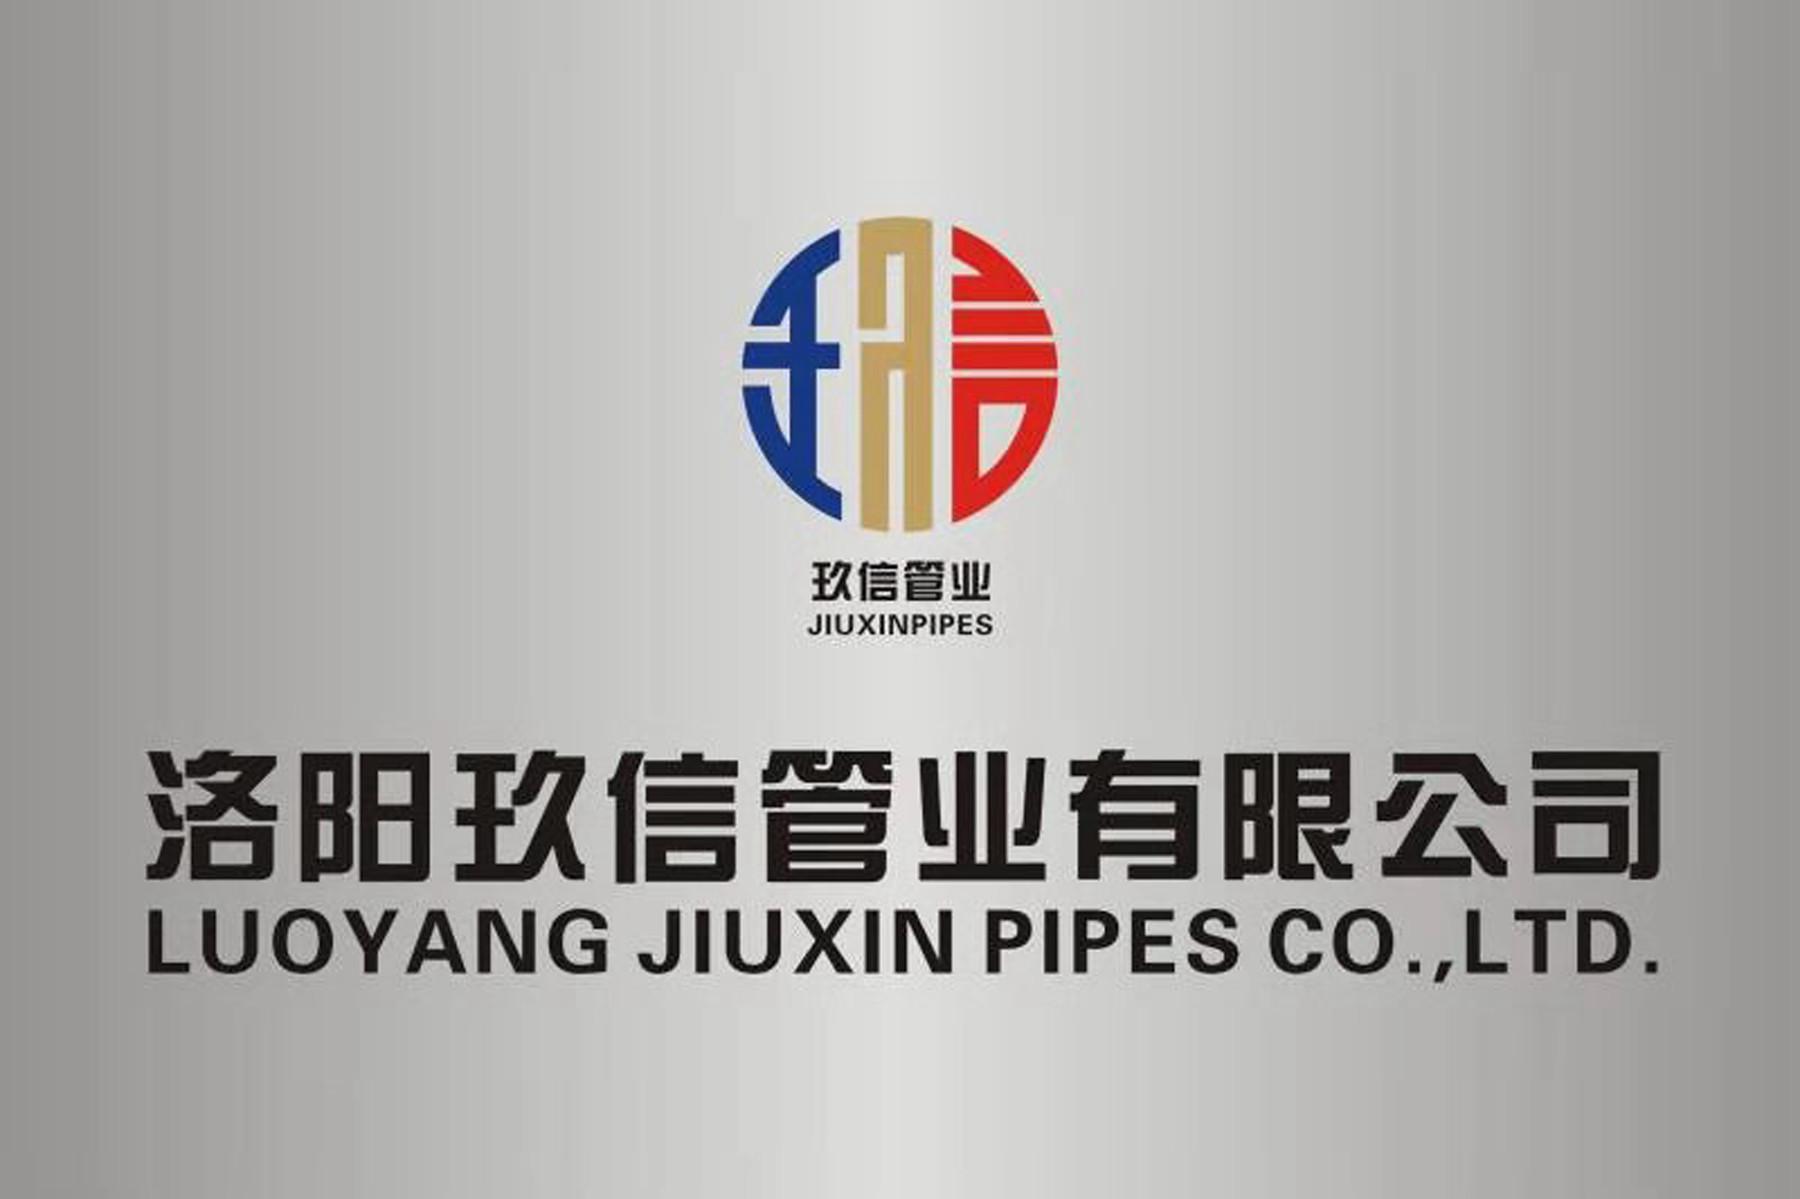 洛阳玖信管业有限公司